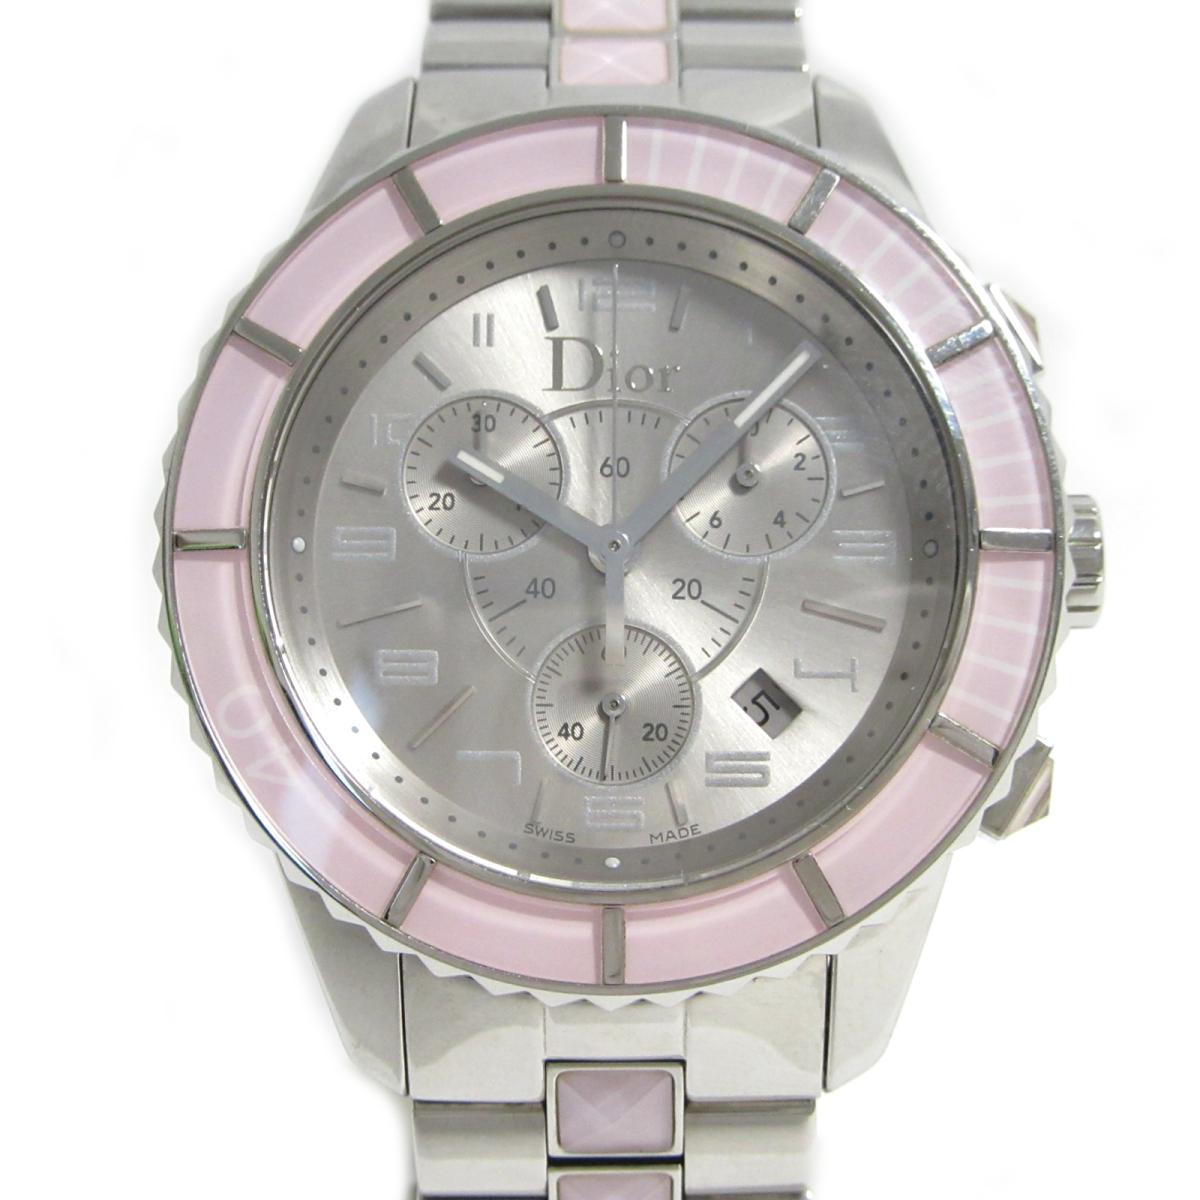 ≪期間限定≫メルマガ登録でクーポンGET! 【中古】 クリスチャン・ディオール クリスタルクロノグラフ 腕時計 ウォッチ レディース ステンレススチール (SS) (CD114314) | Dior BRANDOFF ブランドオフ ブランド ブランド時計 ブランド腕時計 時計